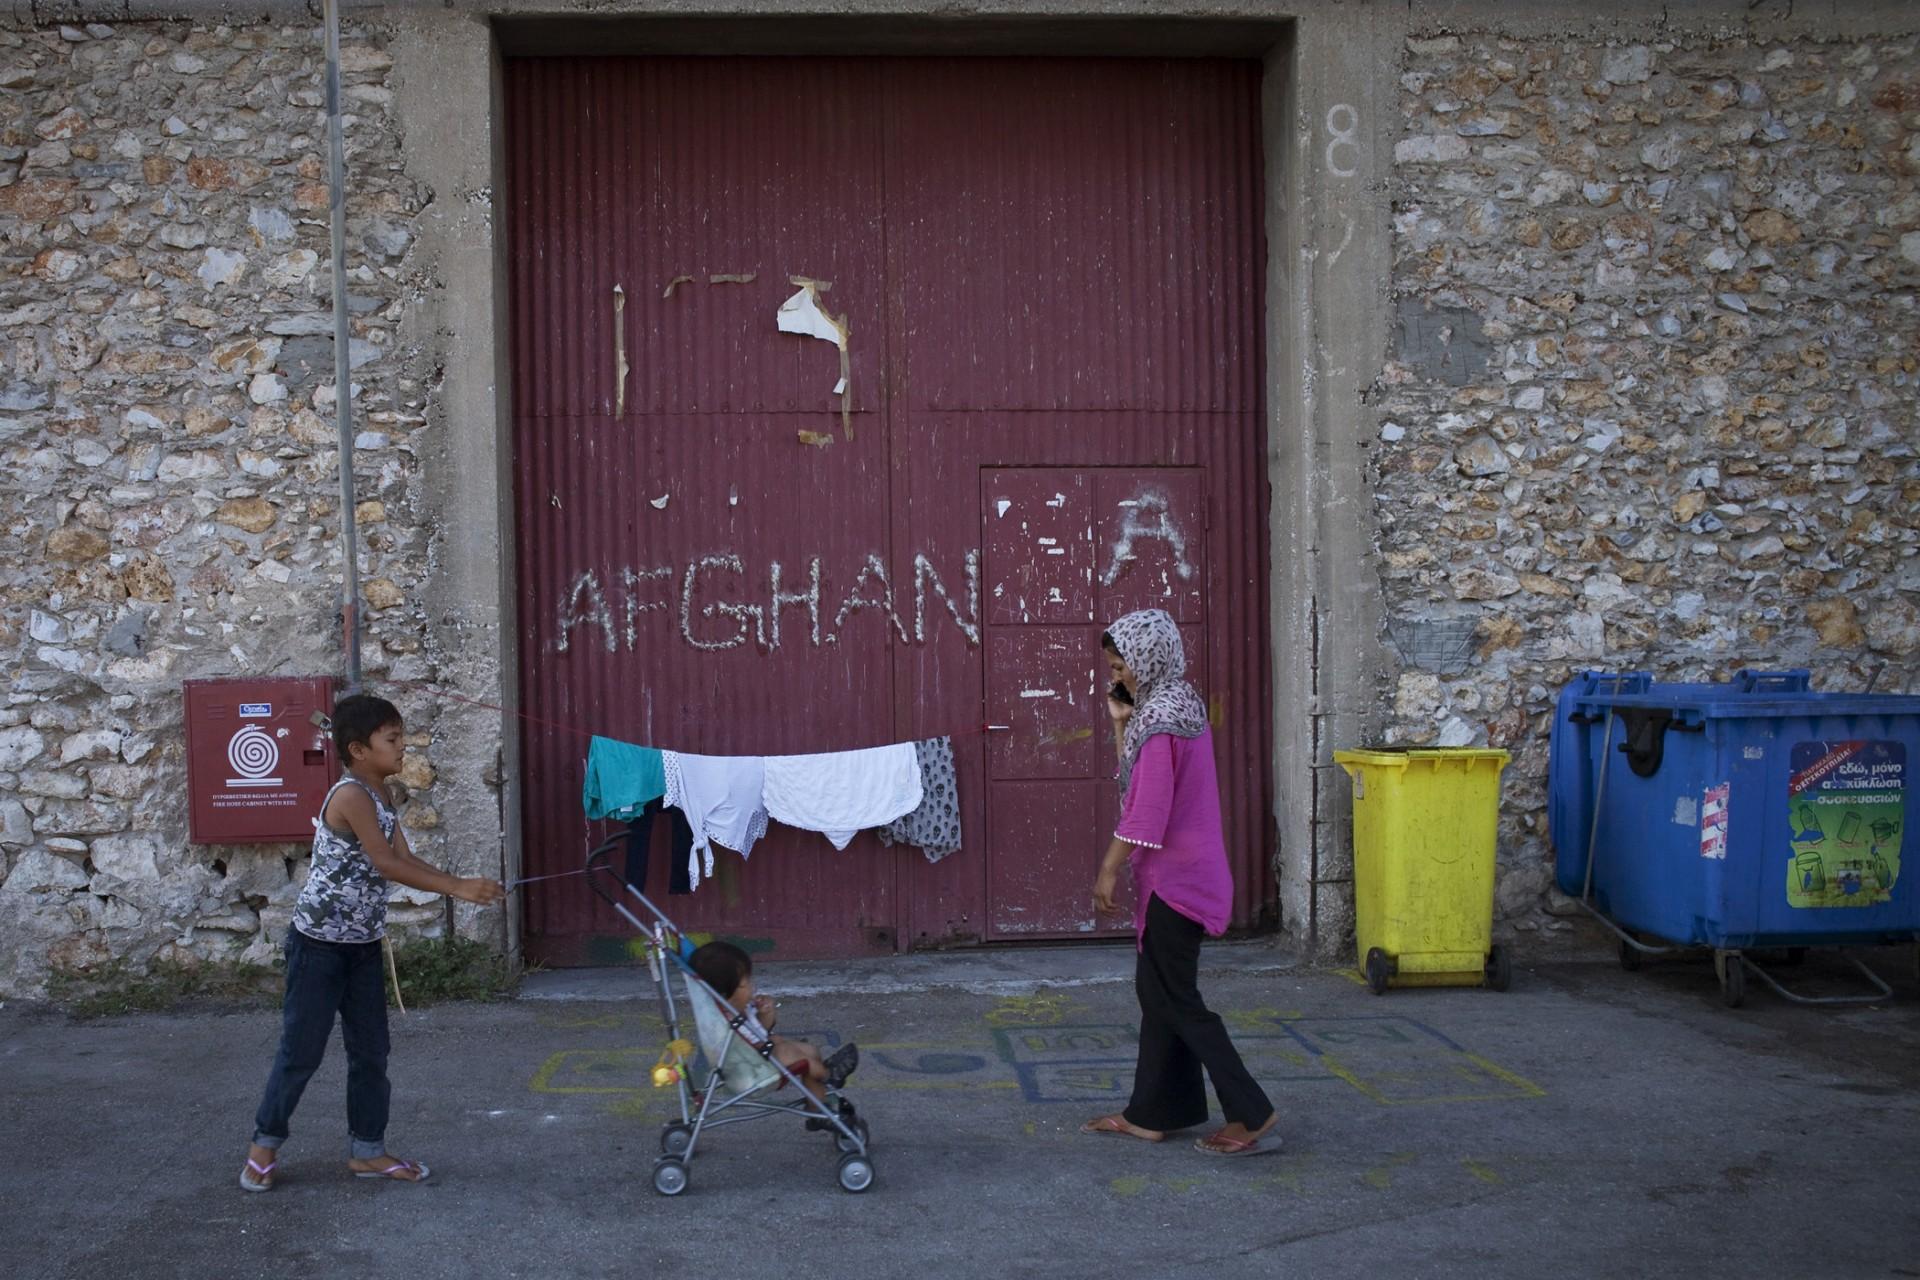 Les différentes nationalités présentes sur le port ne se mélangent pas vraiment, Afghans, Syriens, Pakistanais restent entre eux. Il y a parfois une certaine jalousie envers les Syriens qui obtiennent plus facilement le statut de réfugiés.